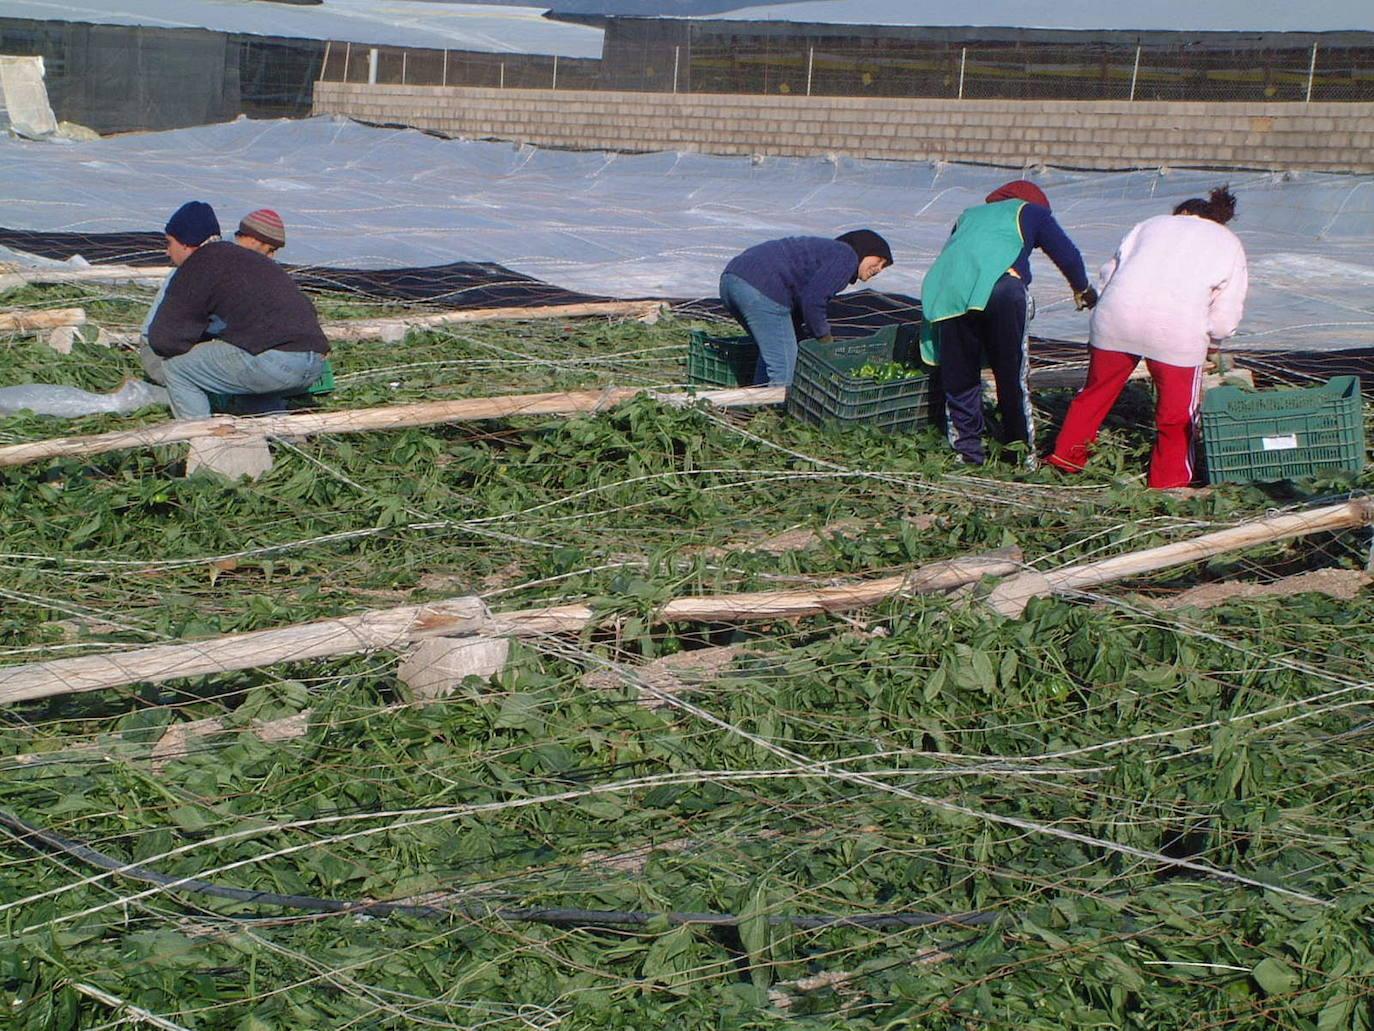 Vox convoca una concentración en Roquetas de Mar «en repulsa» por la agresión a un agricultor